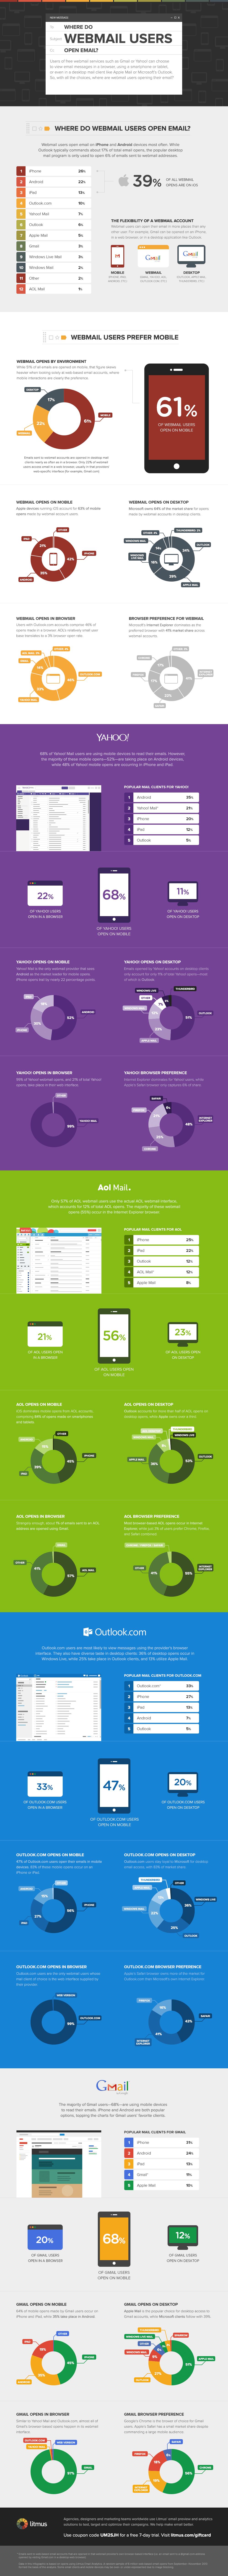 Webmail et mobile #infographie